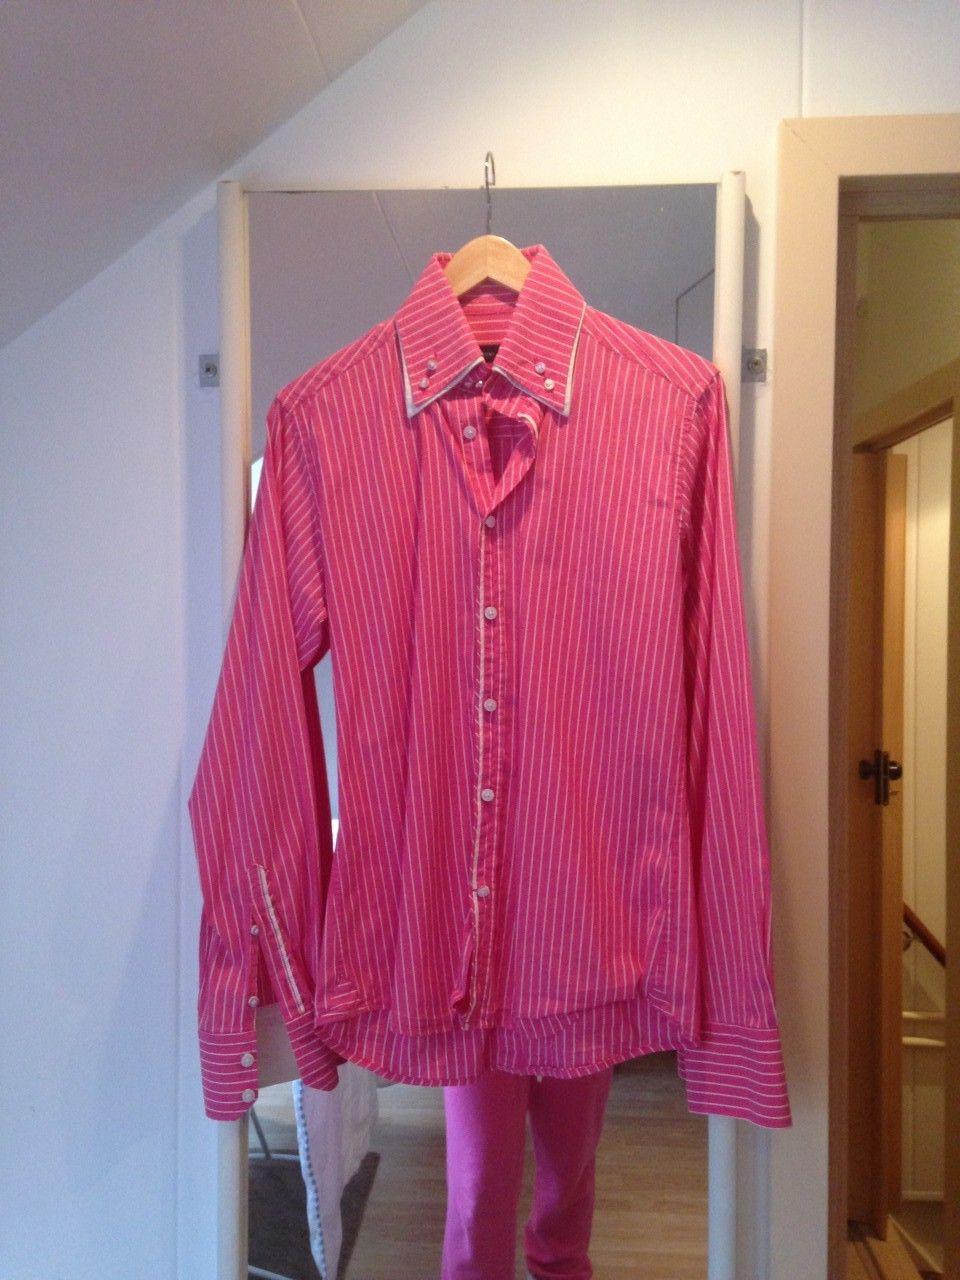 overhemd op hanger